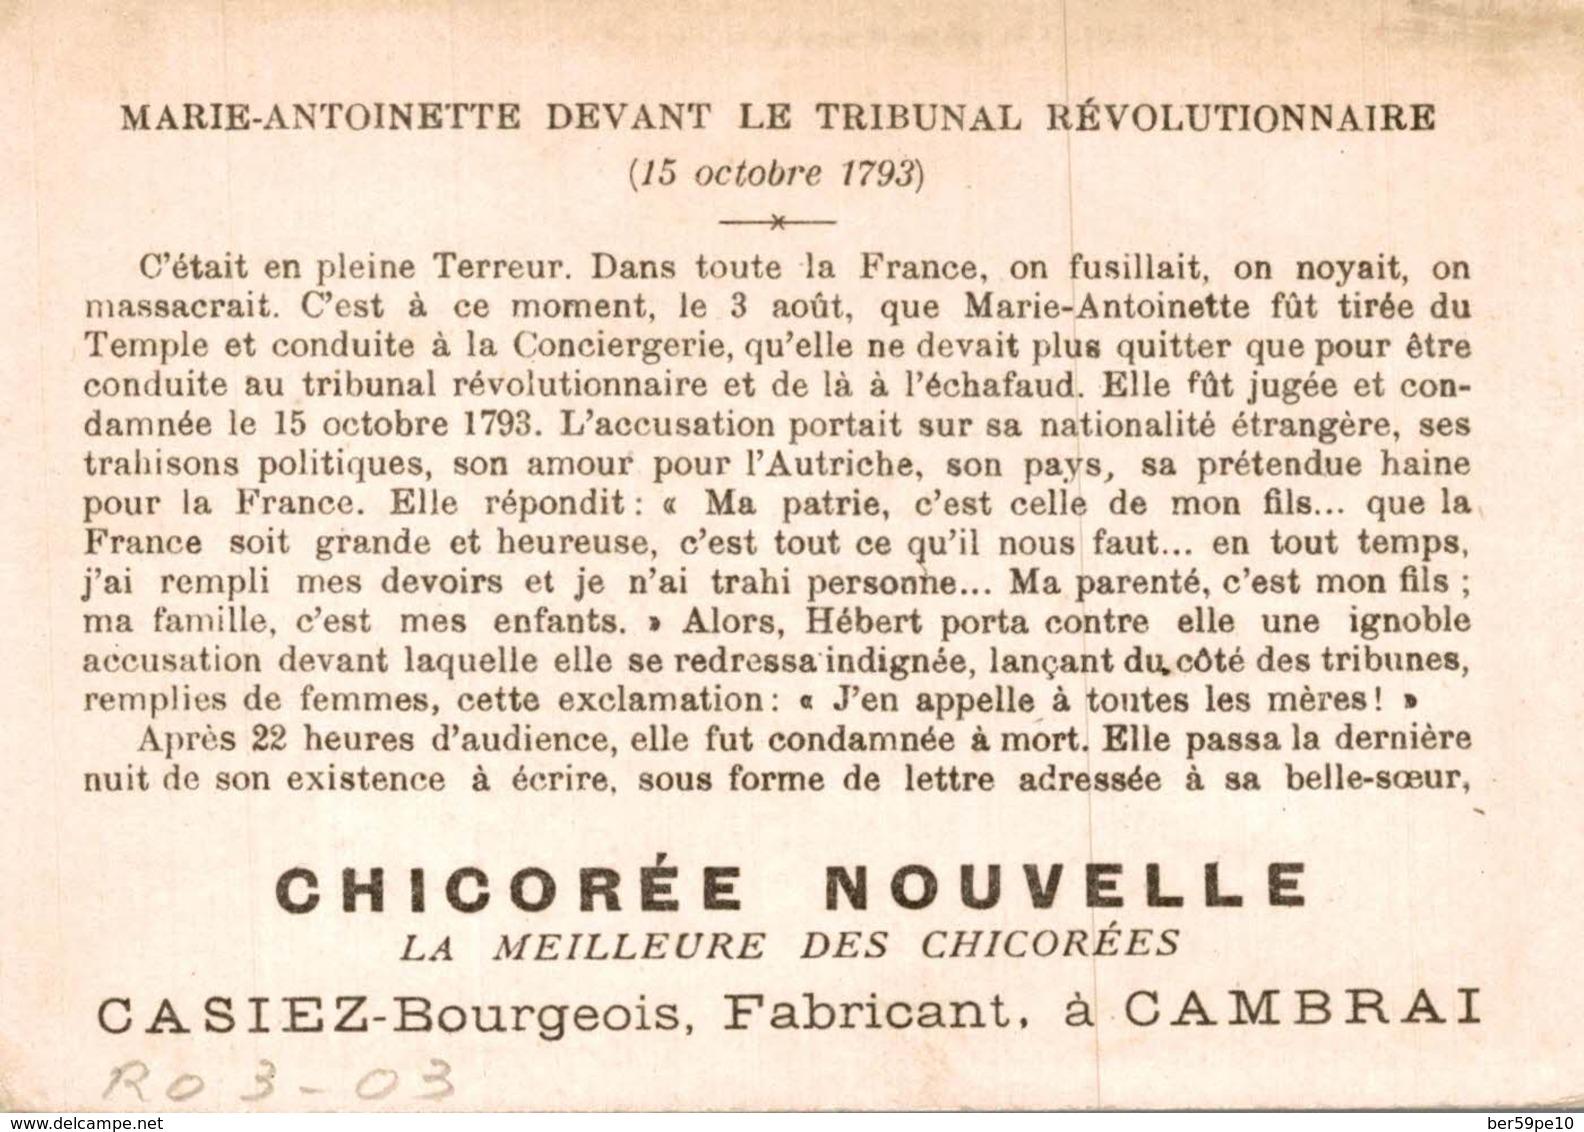 CHROMO CHICOREE NOUVELLE CASIEZ-BOURGEOIS  CAMBRAI  MARIE-ANTOINETTE DEVANT LE TRIBUNAL REVOLUTIONNAIRE 15 OCT. 1793 - Trade Cards